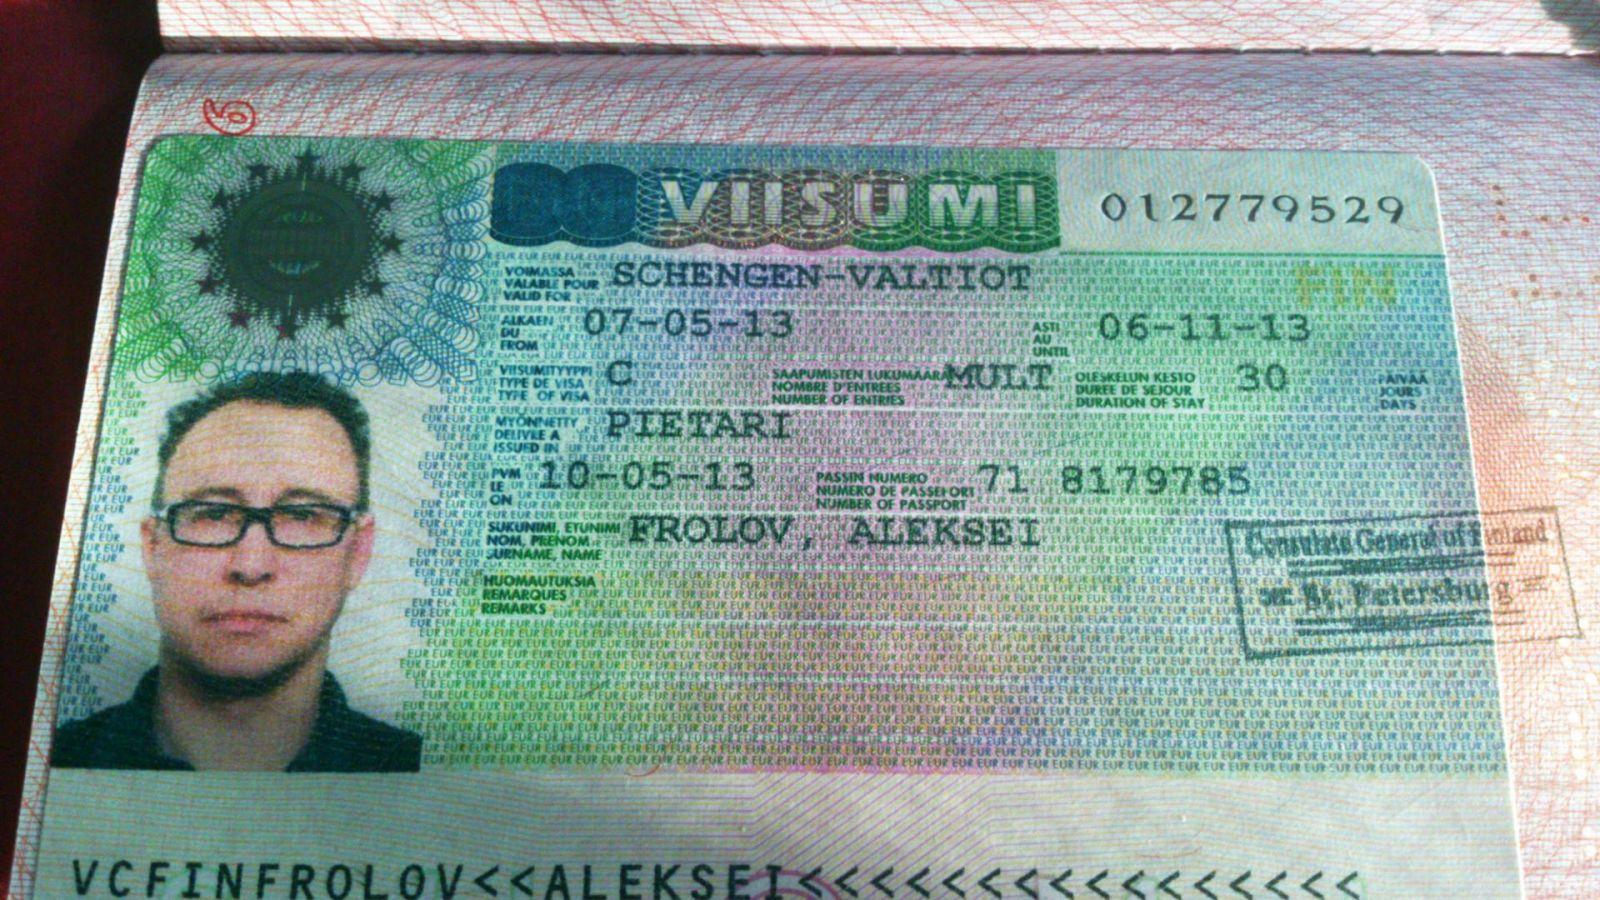 Пример визы в Финляндию